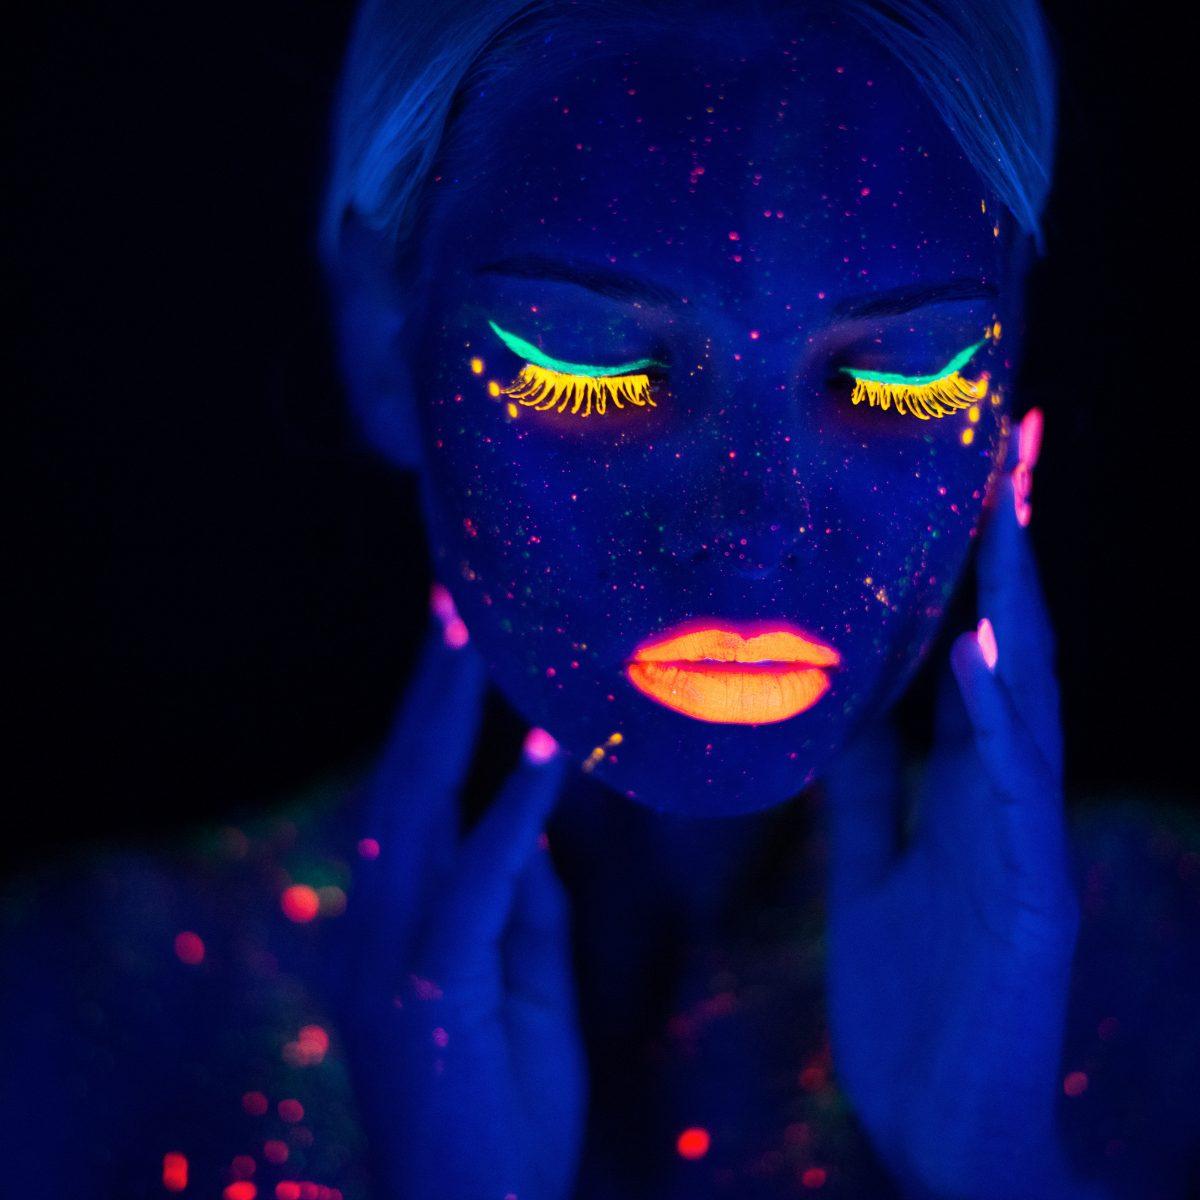 cara con pintura neon fluorescente